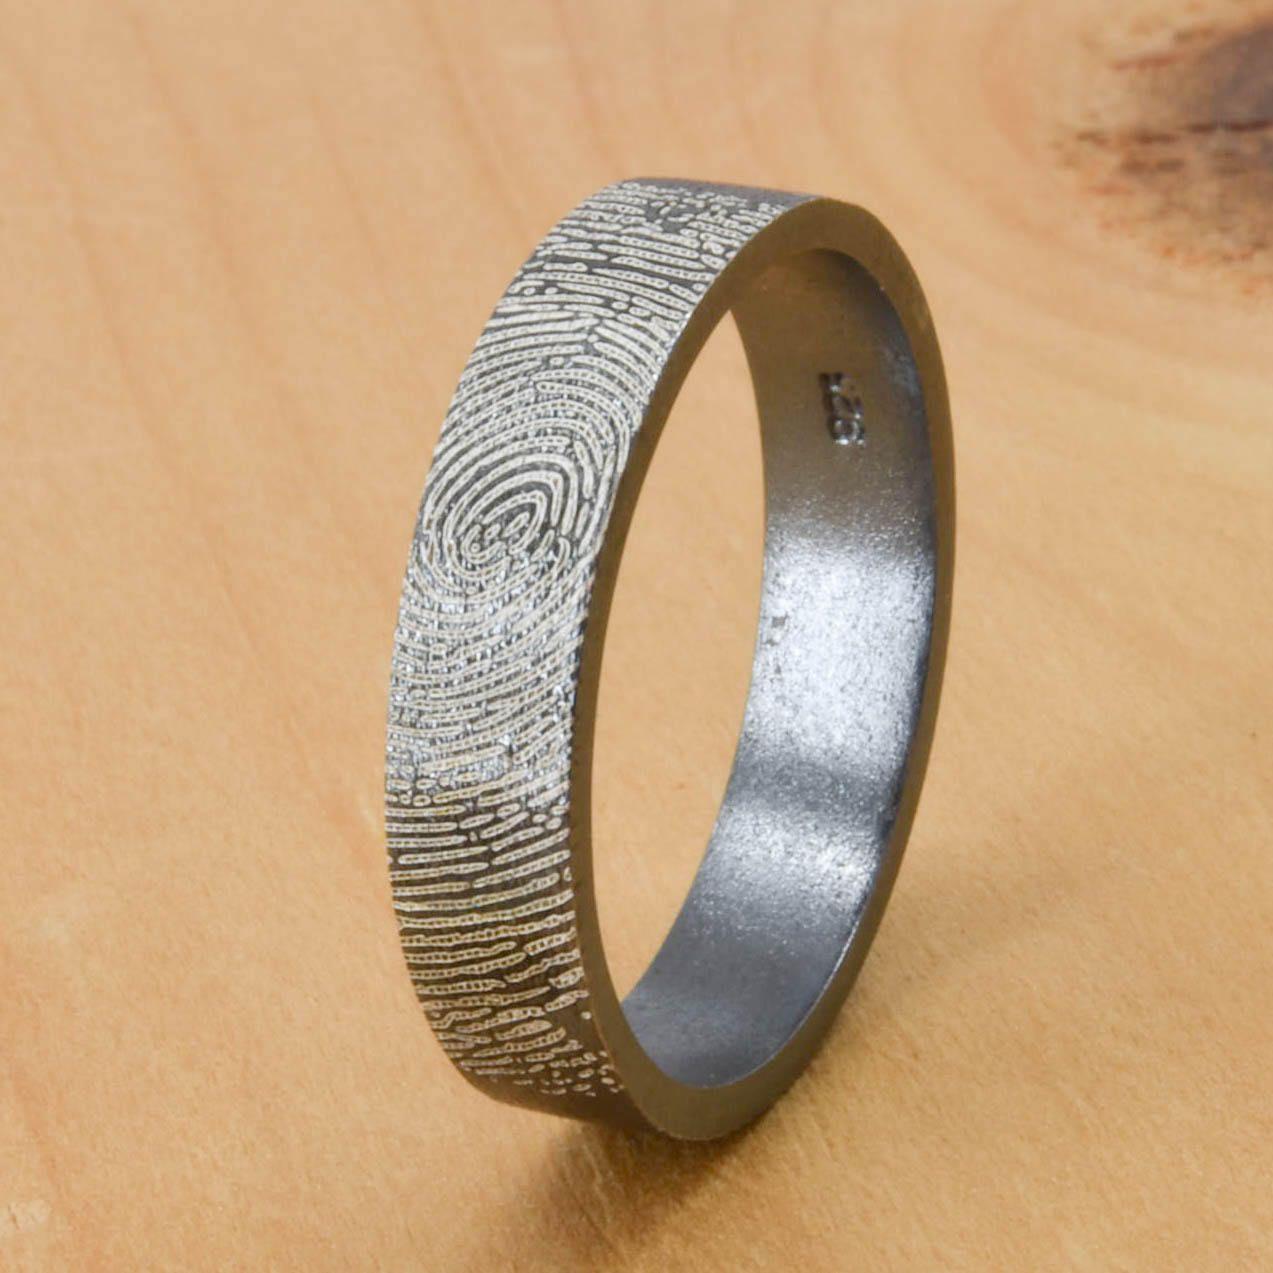 Fingerprint Ring Engraved Ring Engraved Jewelry Custom